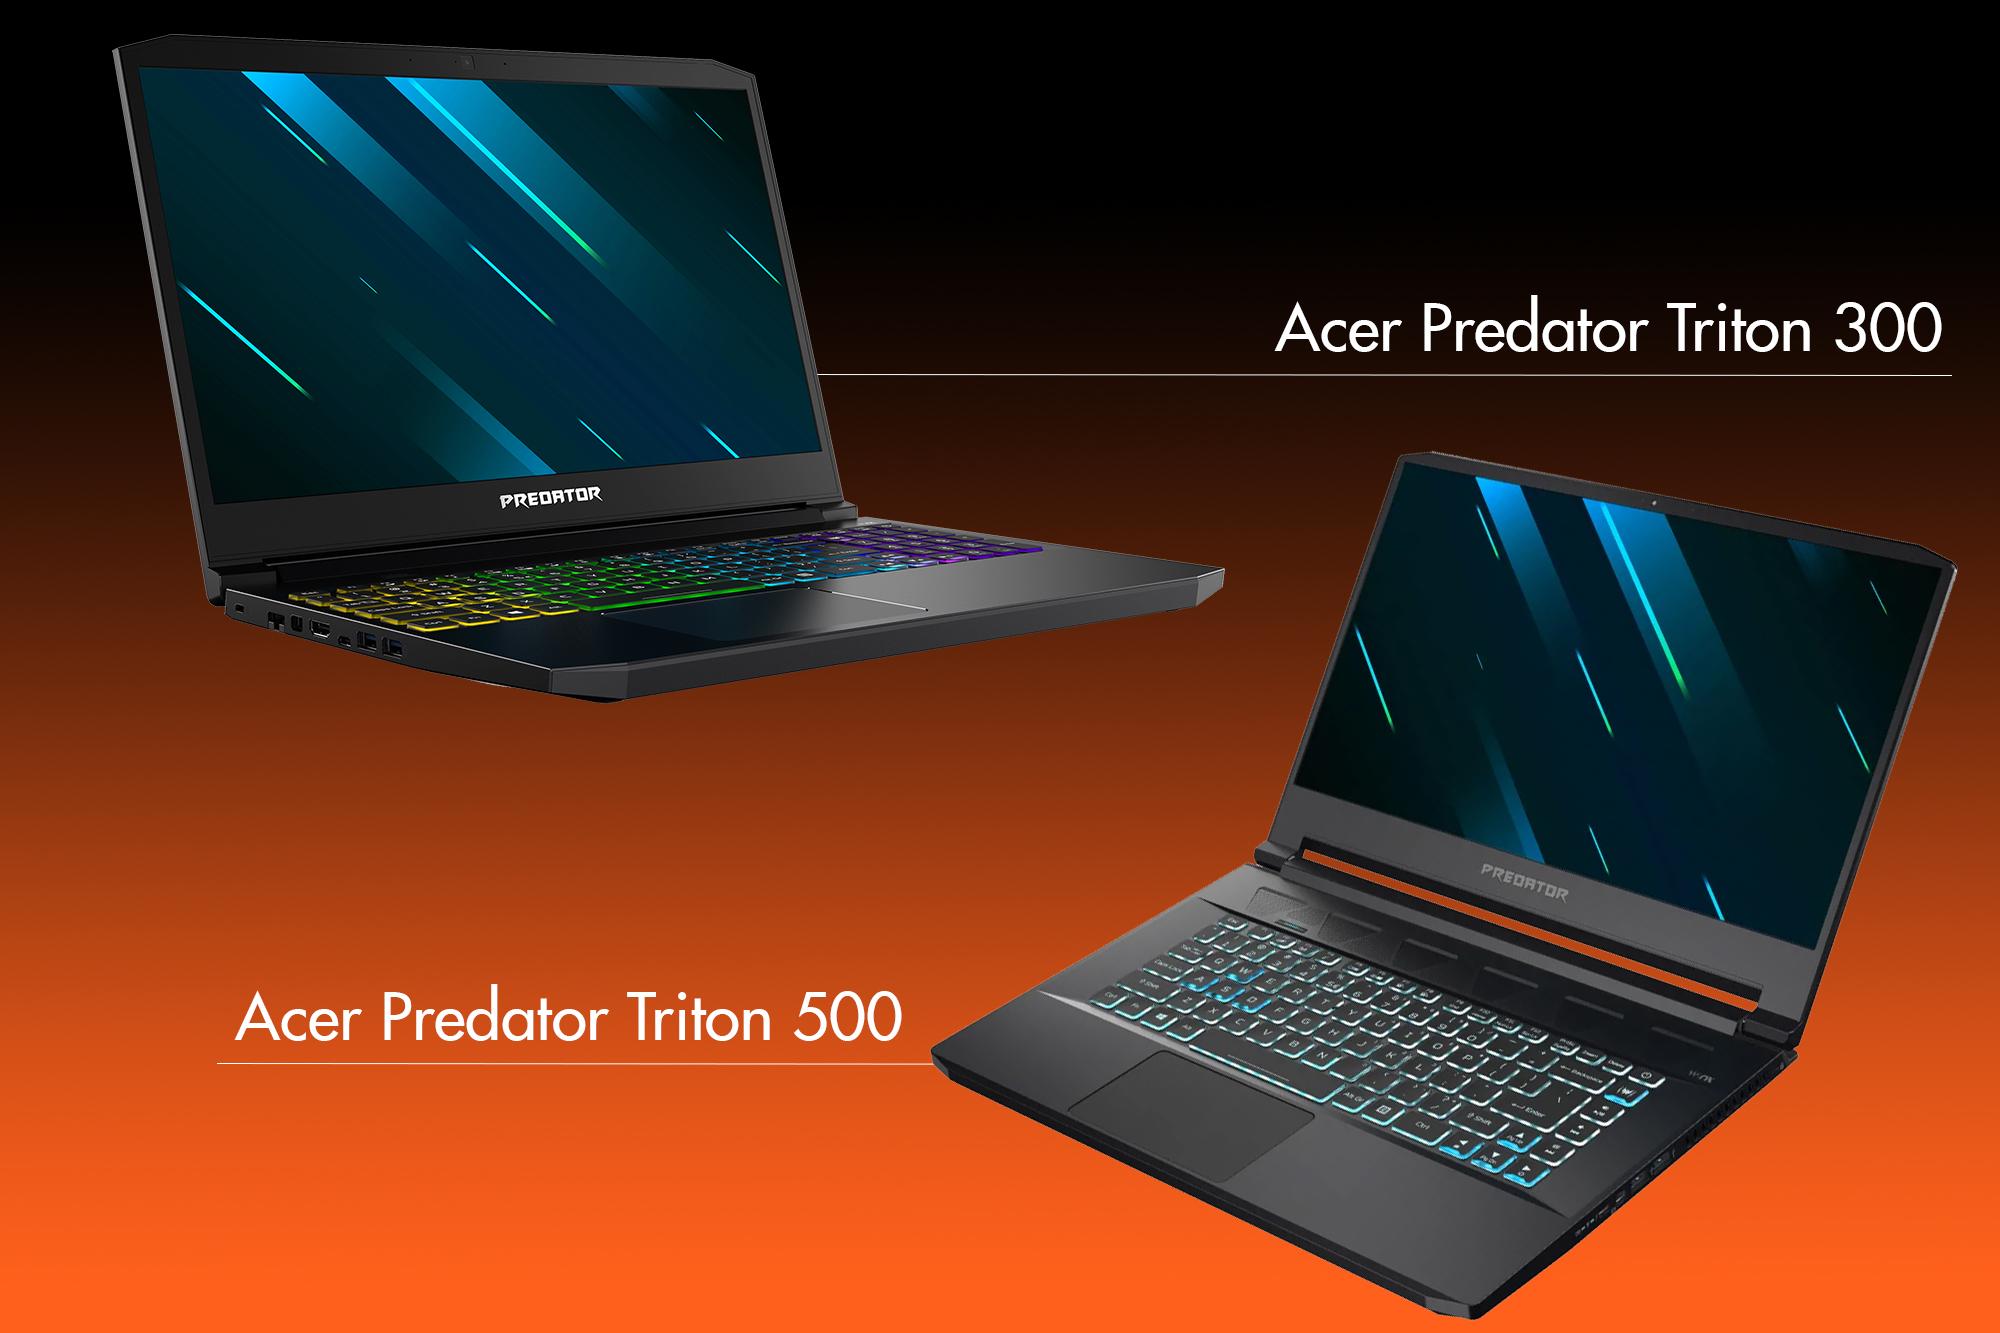 IFA 2019 - Acer Predator Triton 300 und Acer Predator Triton 500